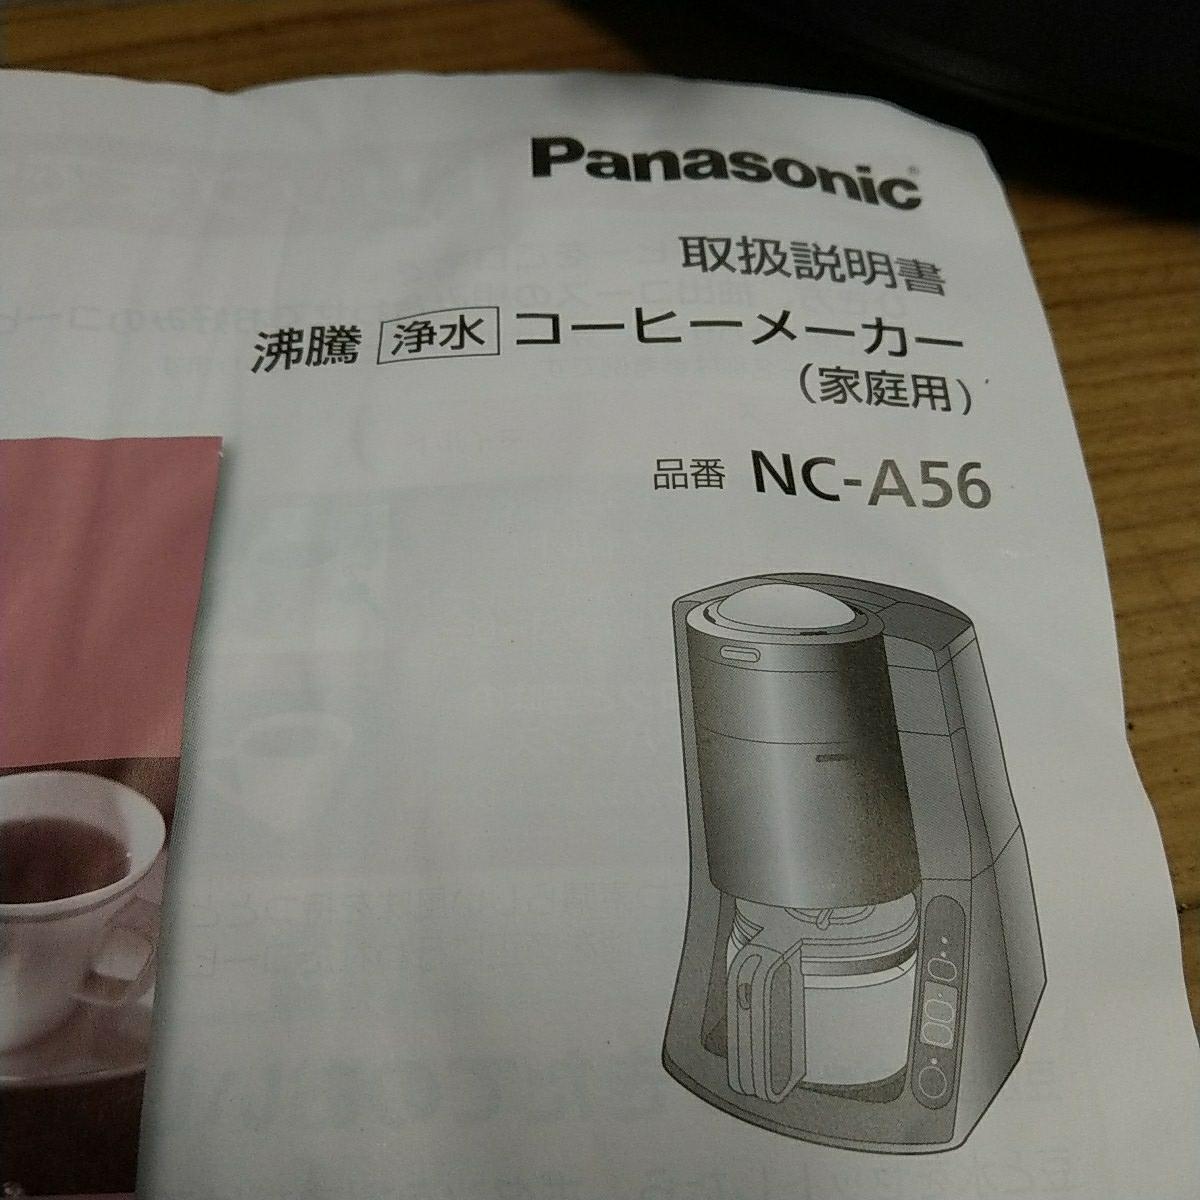 パナソニック 沸騰コーヒーメーカー NC-A56-Aブラック _画像4